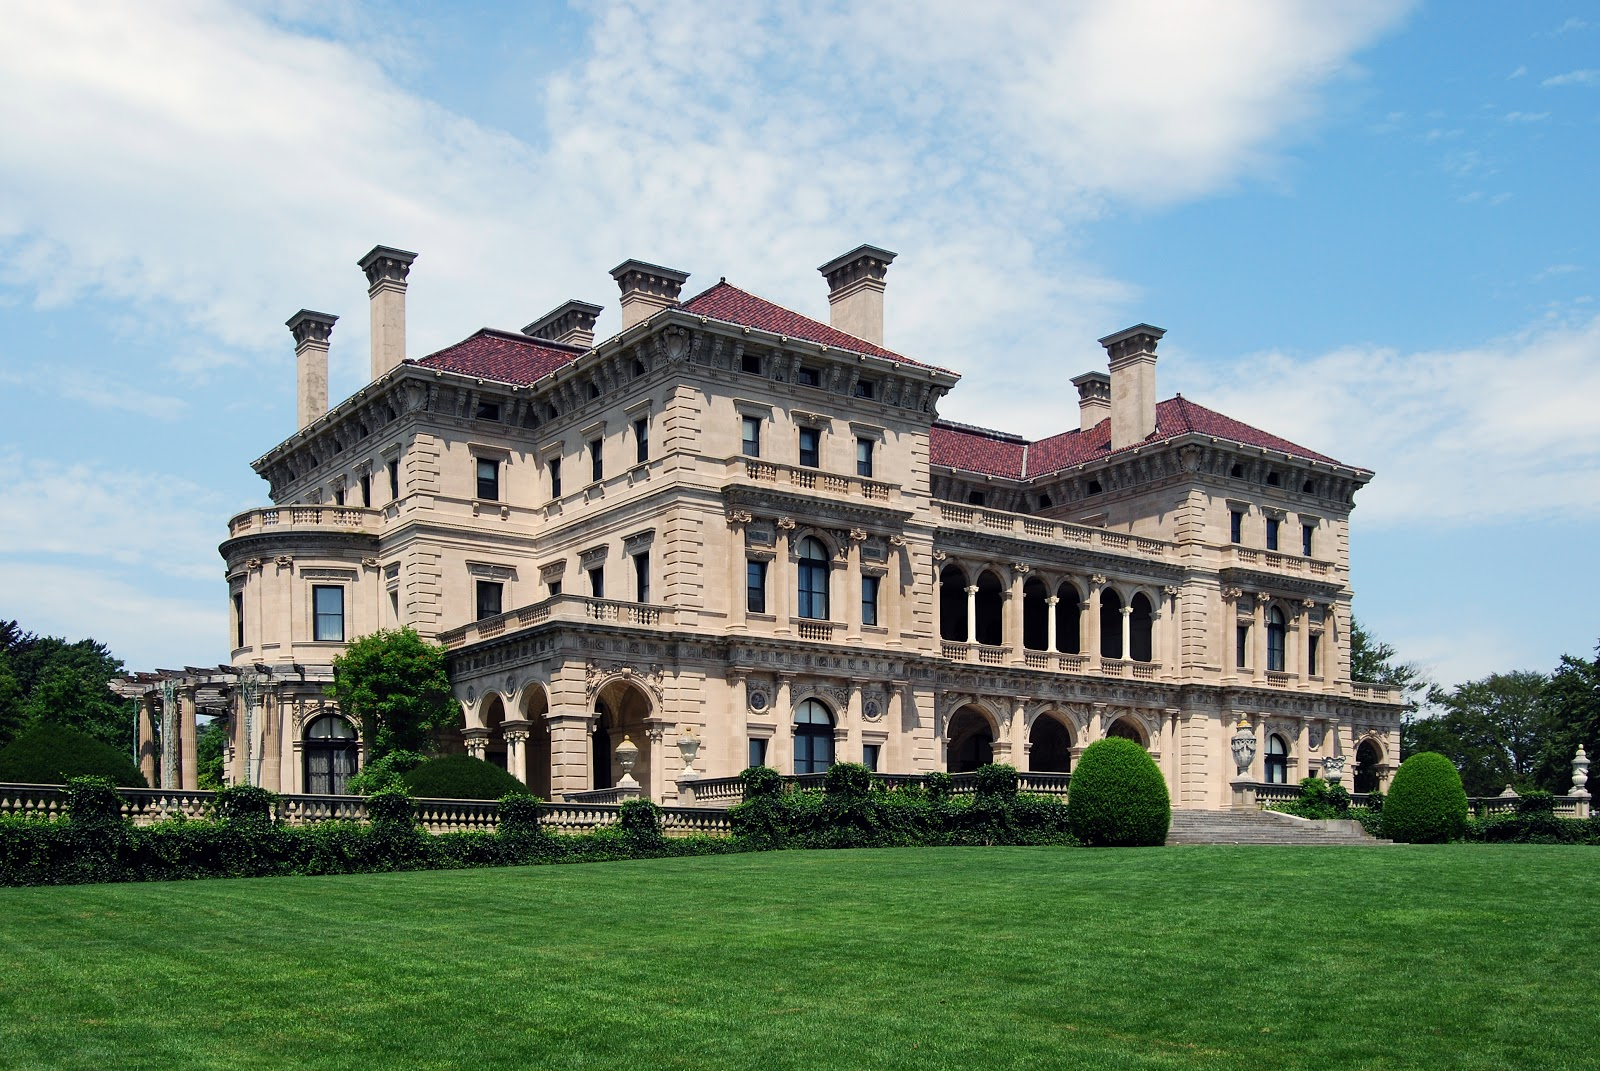 (BAD) Blog About Design: The Vanderbilt Mansion: The Breakers